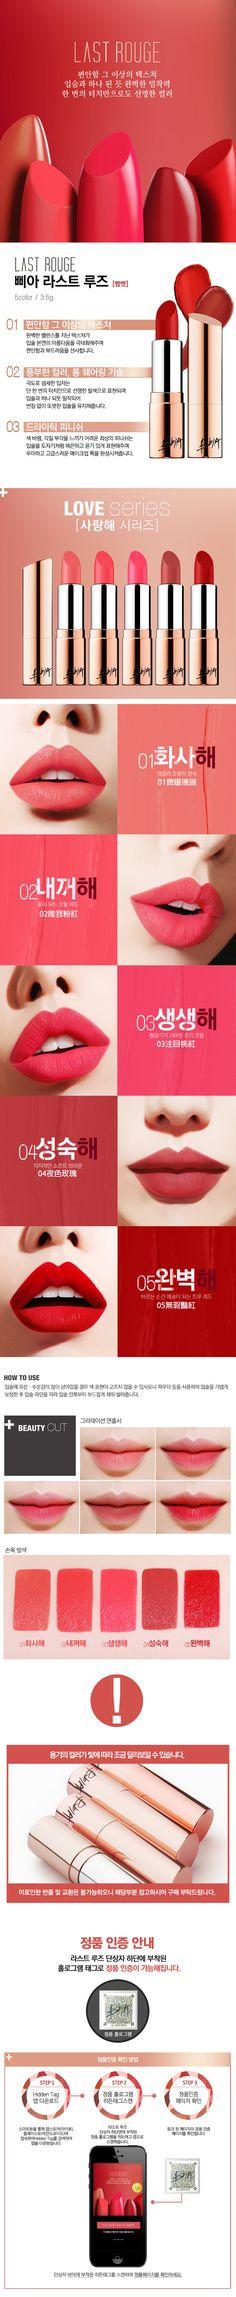 韓國 BBIA~金色玫瑰珍藏唇膏(3.5g) 5款可選【D804489】 - 小三美日平價美妝 | 追求美麗的無限可能